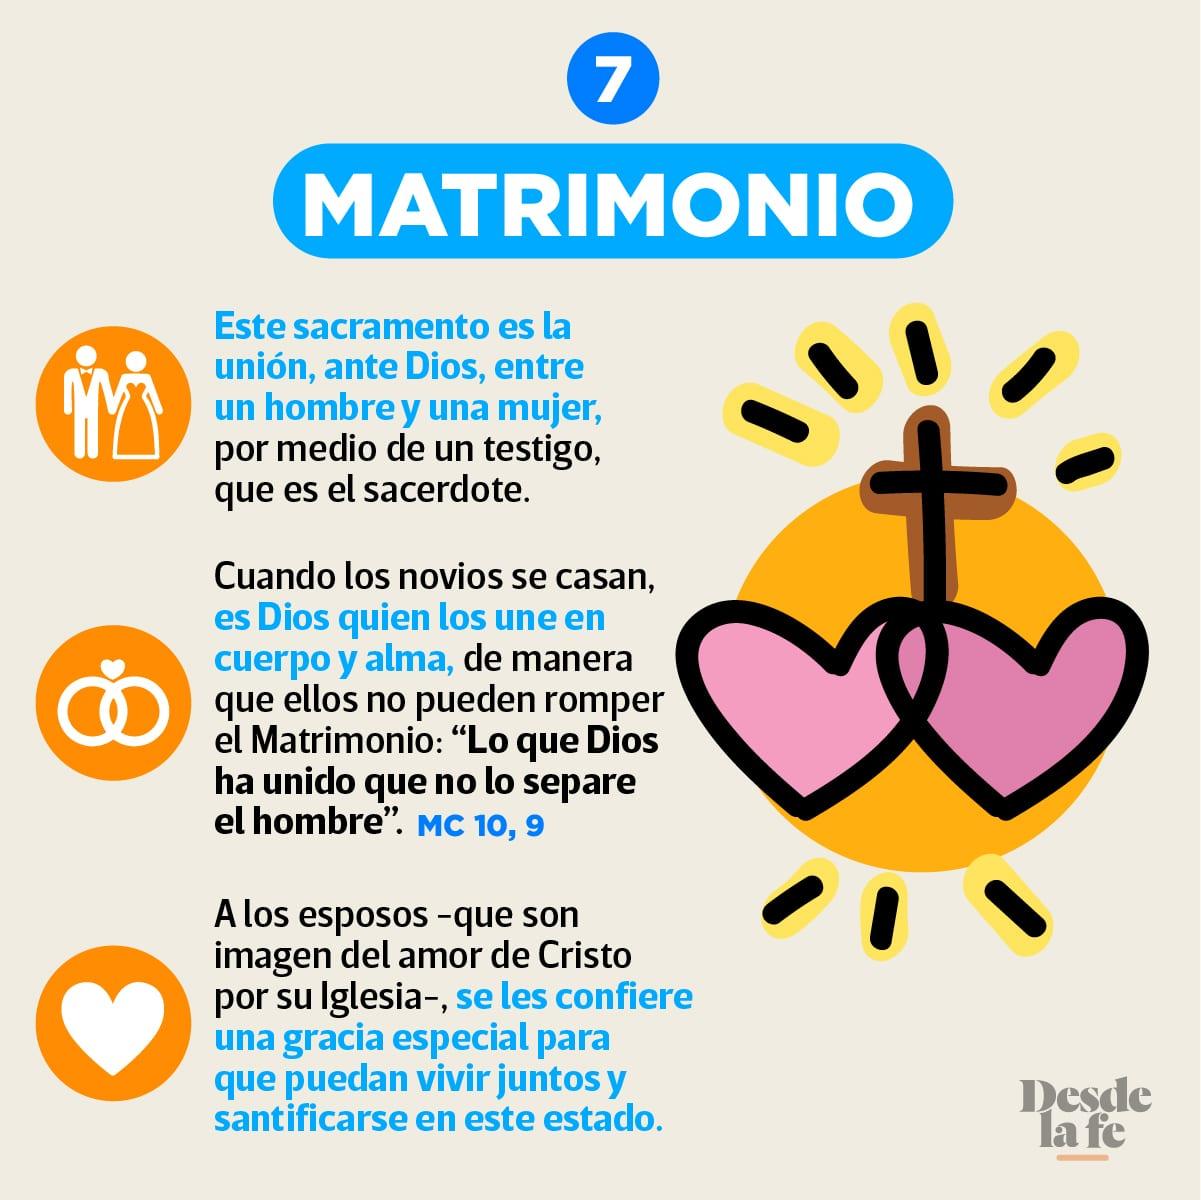 El Matrimonio como Sacramento de la Iglesia.